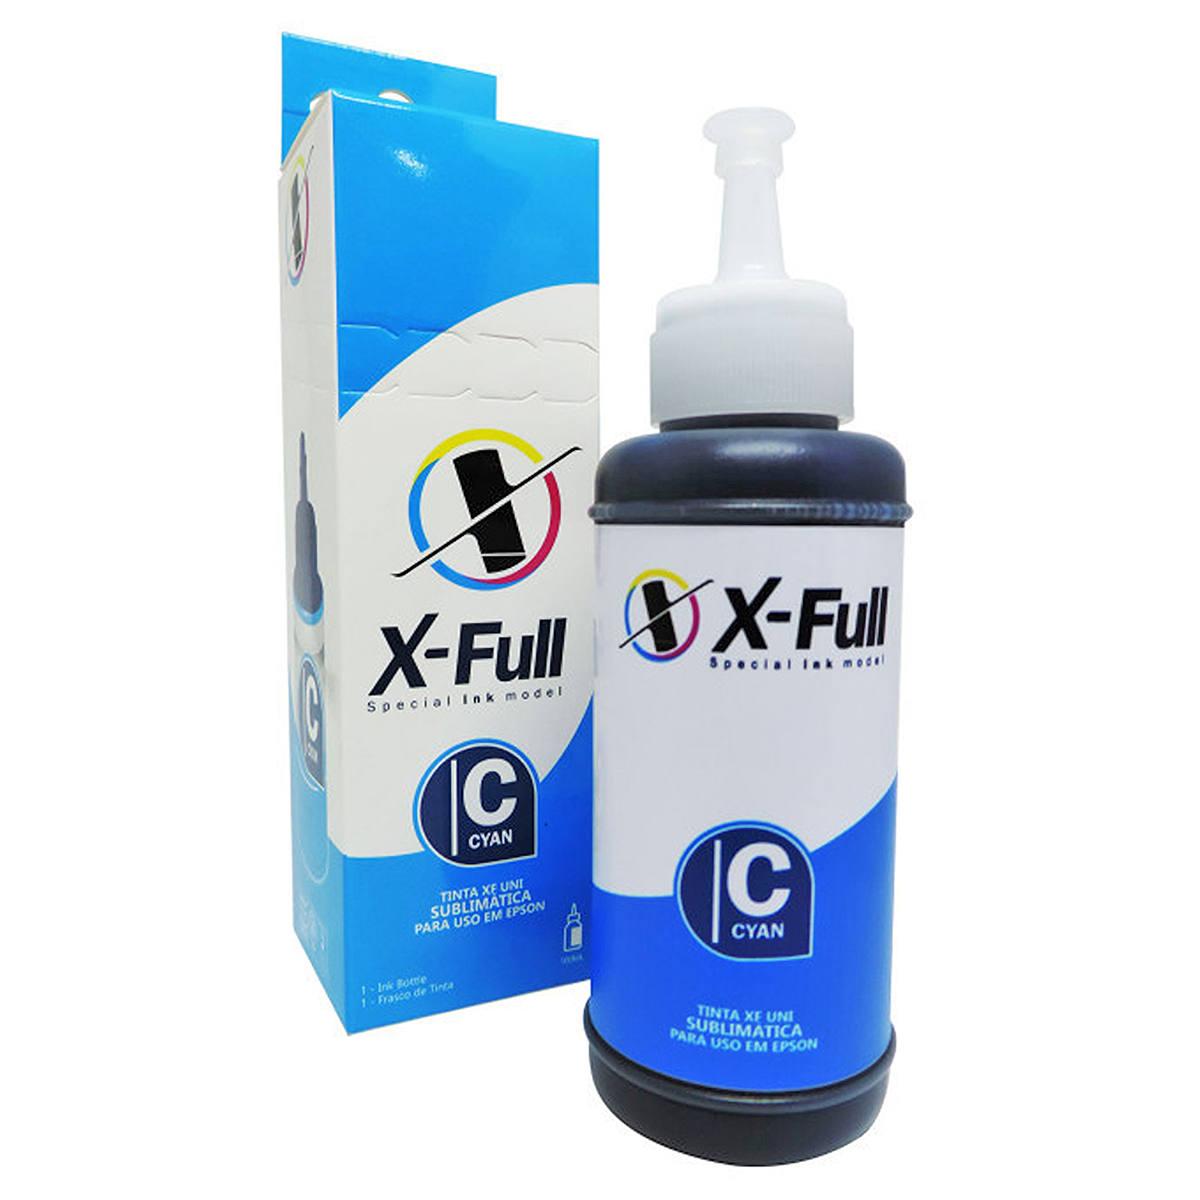 Tinta Sublimática X-Full para uso em todas as Impressoras Epson L Series 664 / Ciano / Refil 100ml